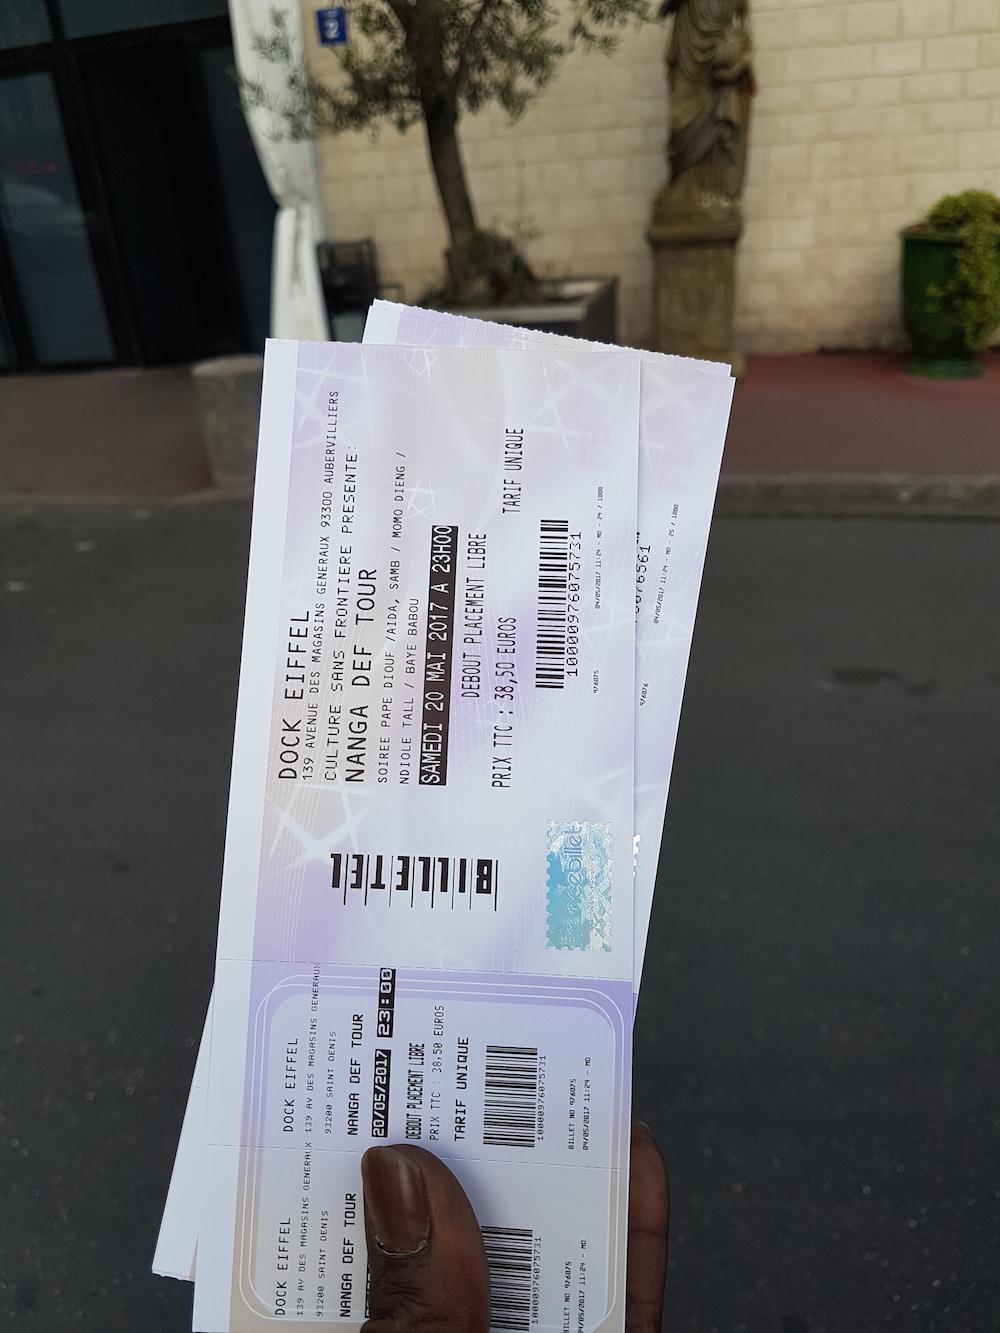 JOUR J -05 Pape Diouf au Dock Eiffel pour la nuit de la diaspora, reservez vos billet chez Baye Fall café Touba 45 rue Doudeauville, Resto Khelcome chez Kissma, Senegal Beauté chez Pape samb Boulevard Chateau d'Eau.